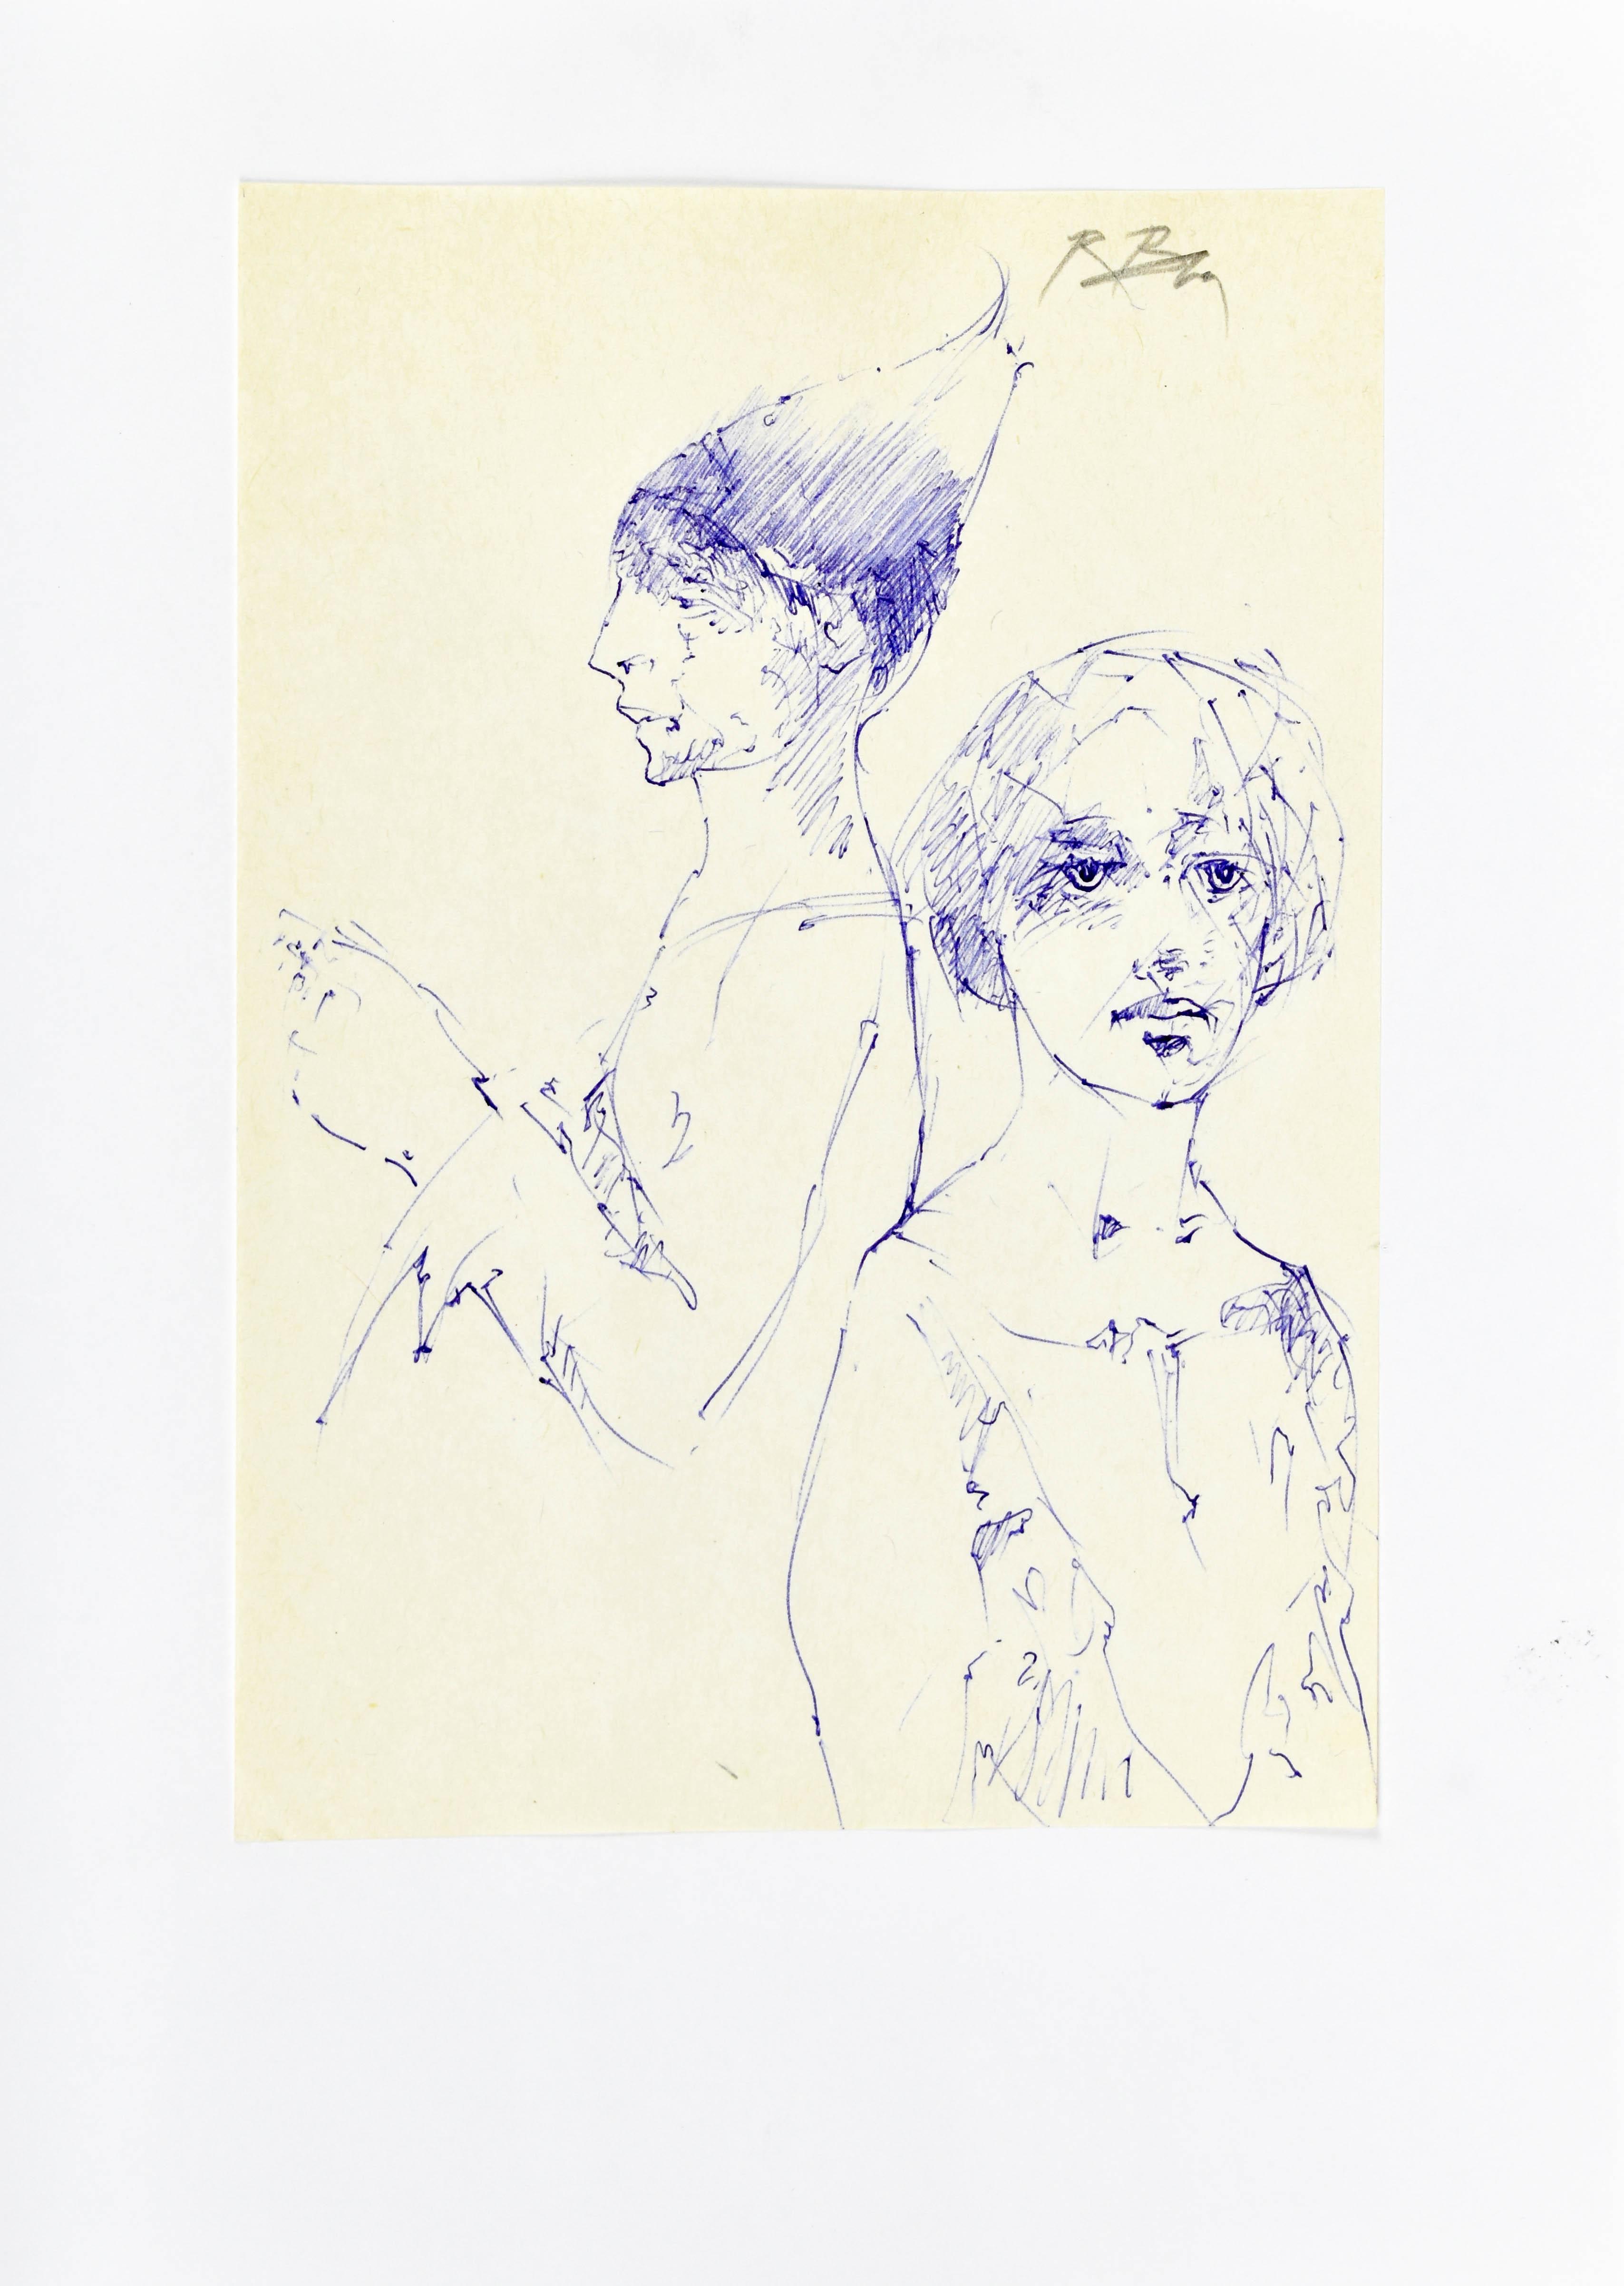 Szkice dwóch postaci